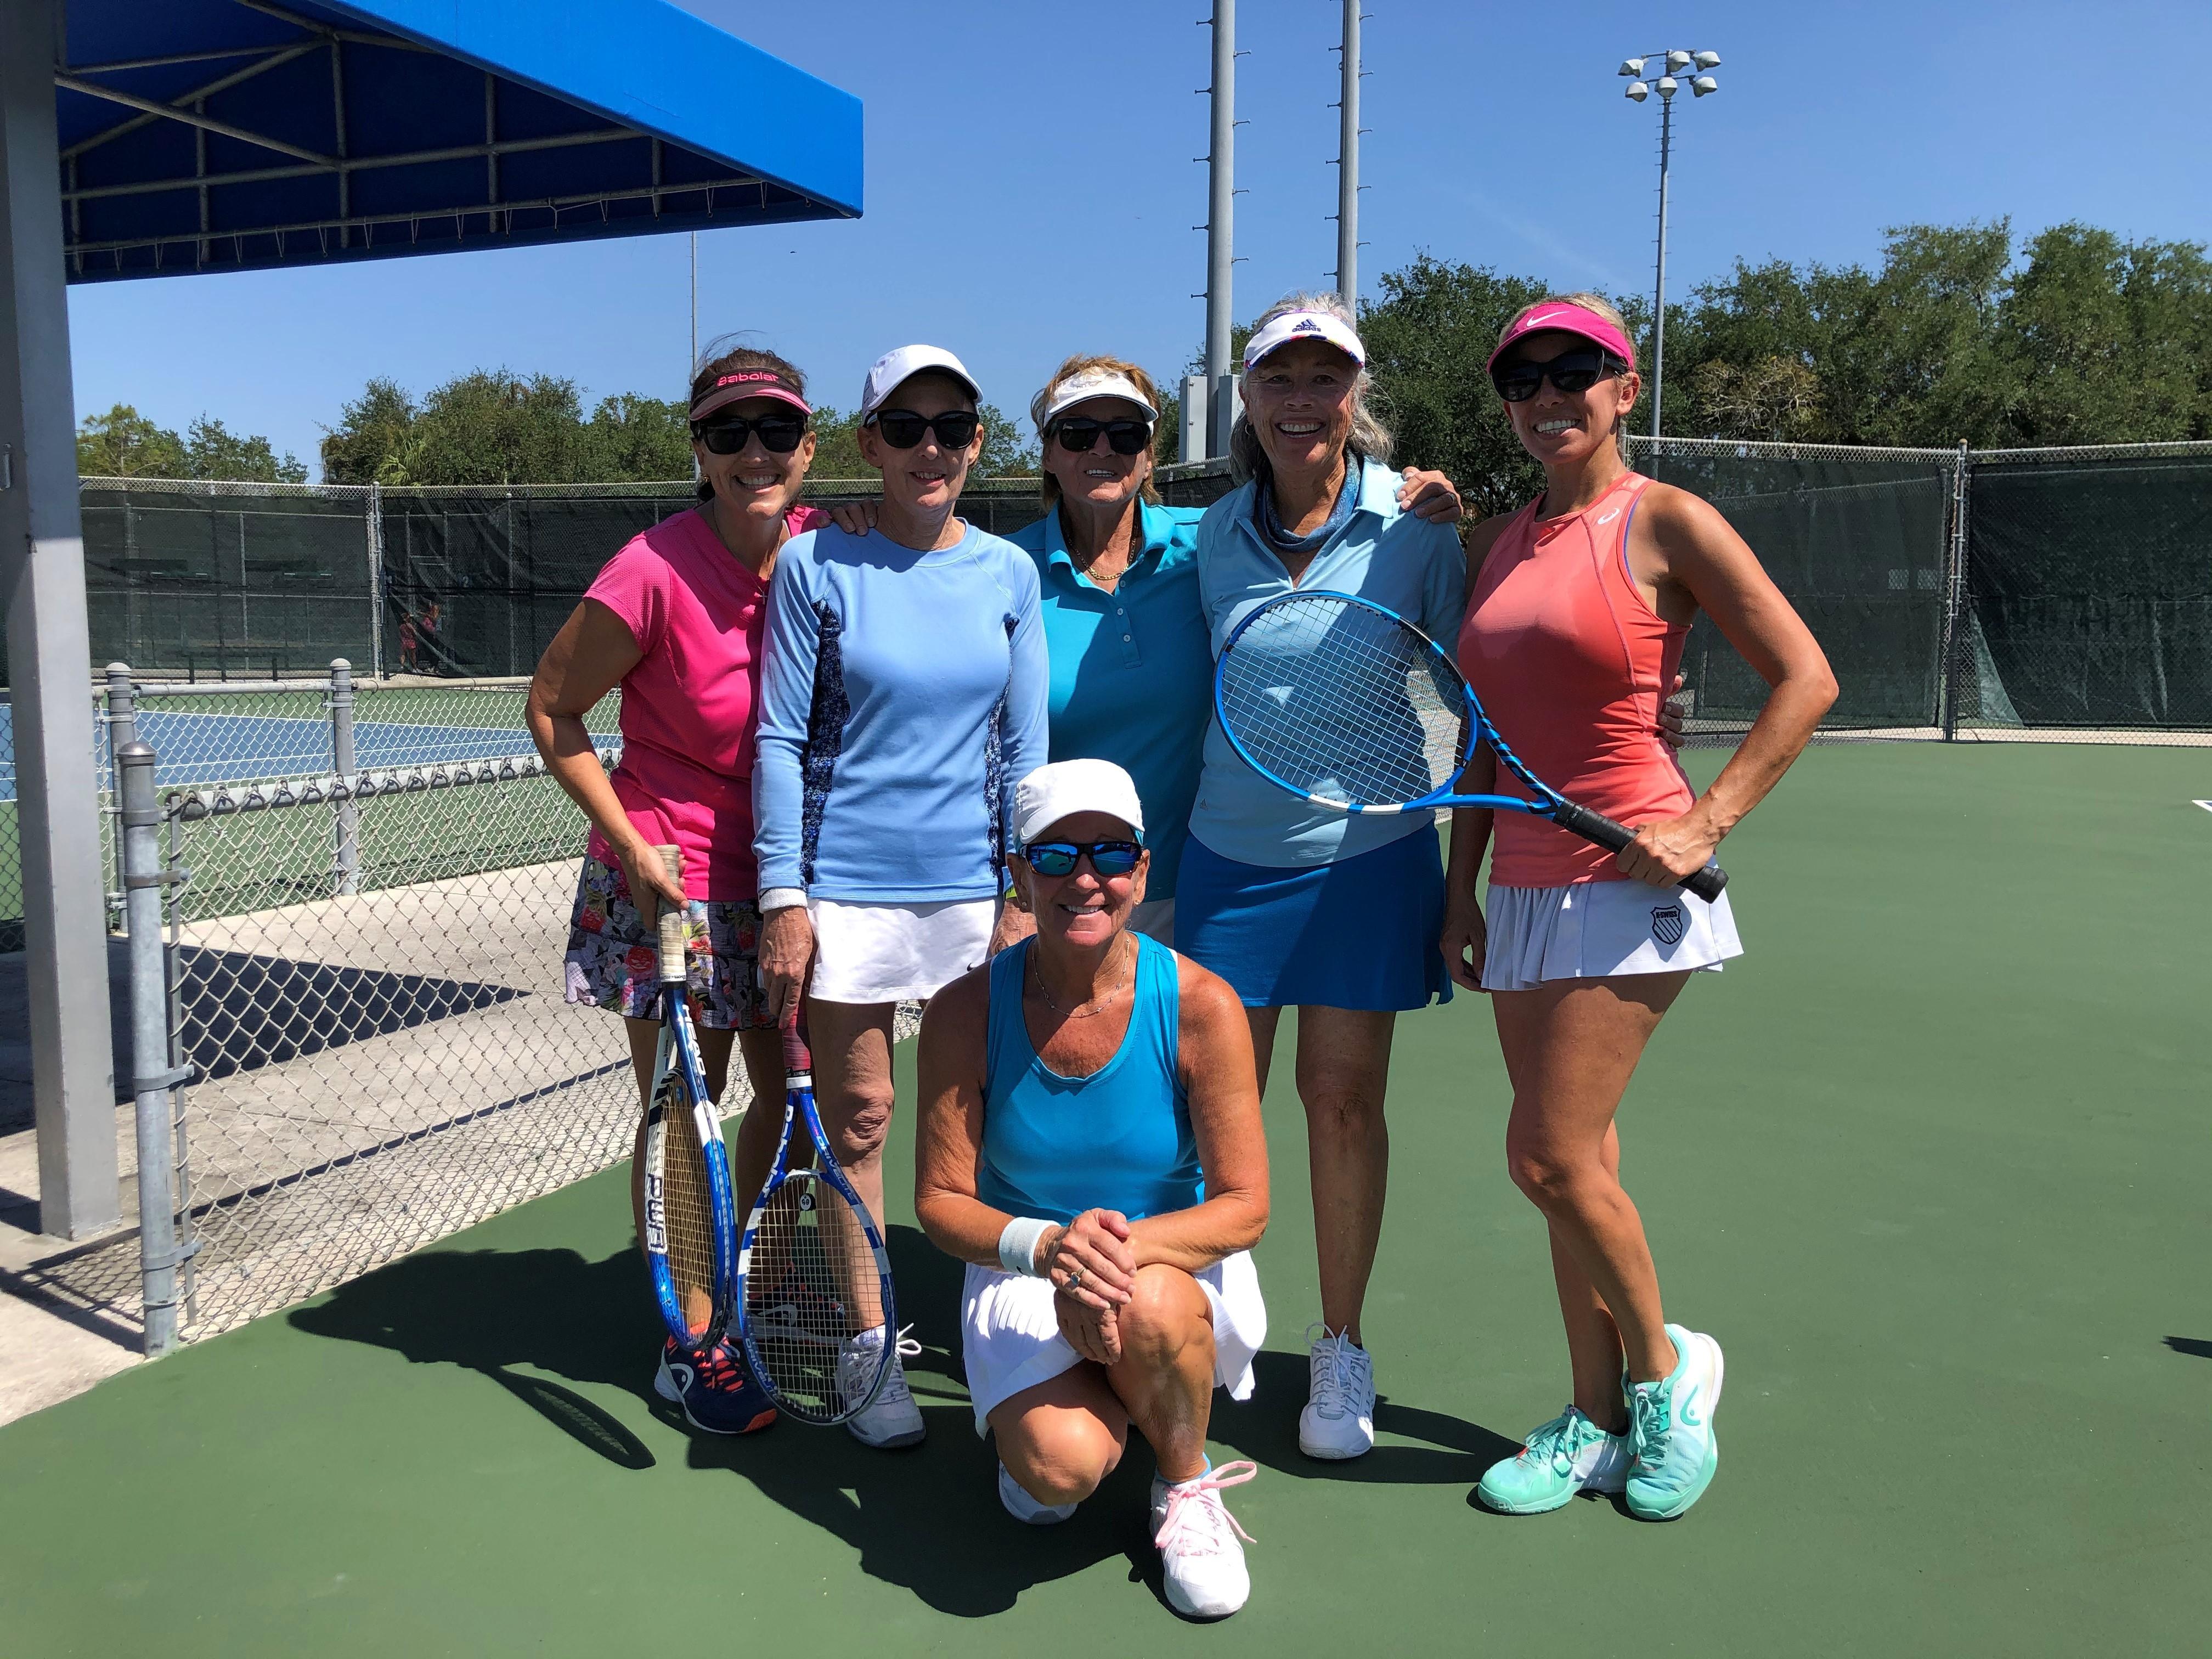 5 Team ladies standing